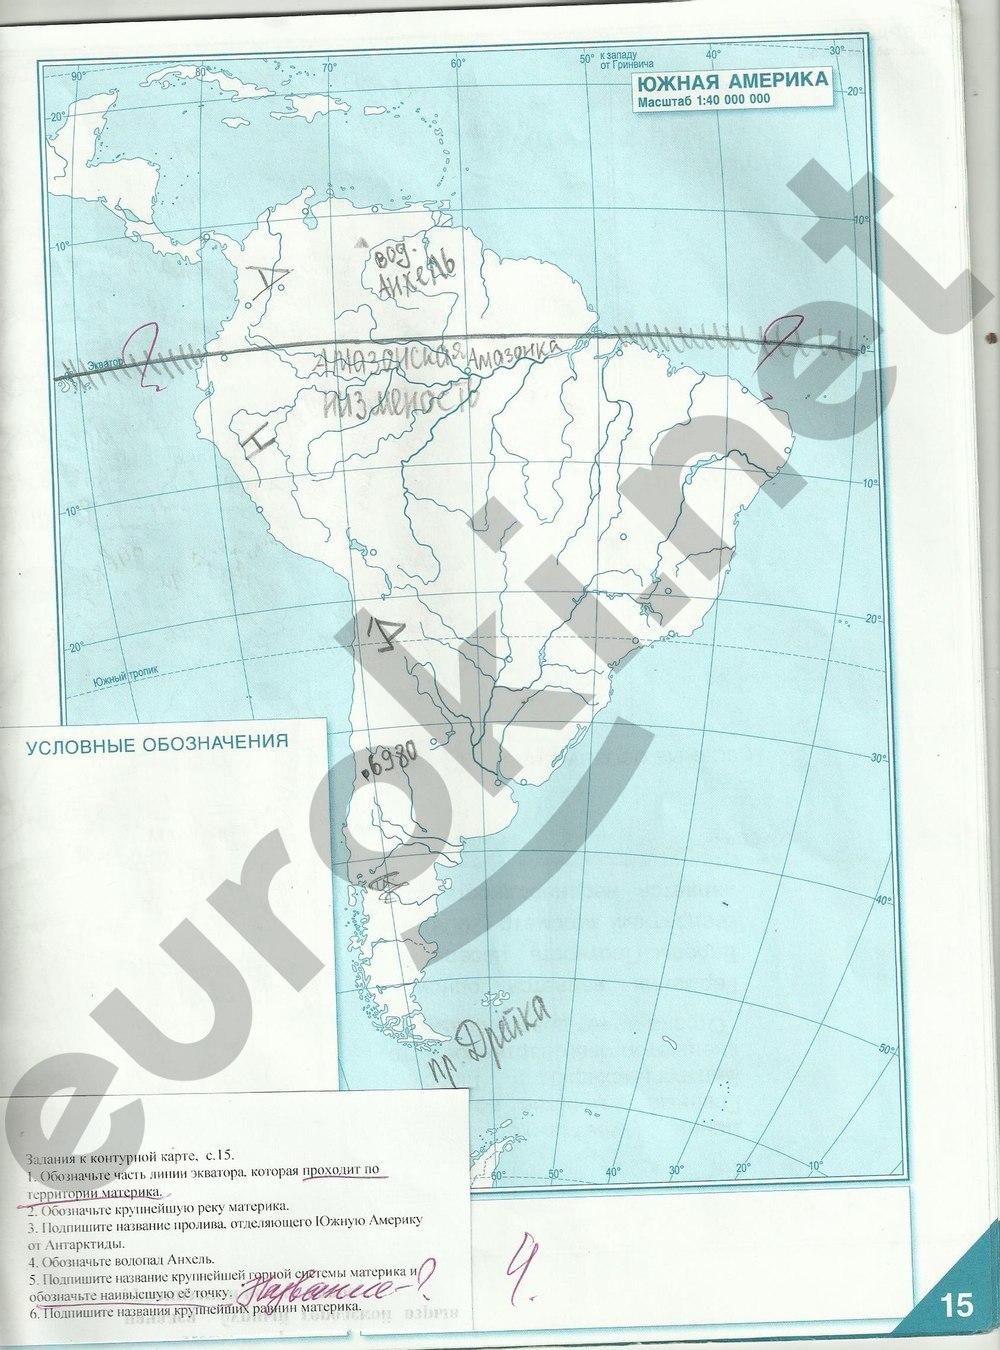 решебник по контурной карте по географии 7 класс домогацких